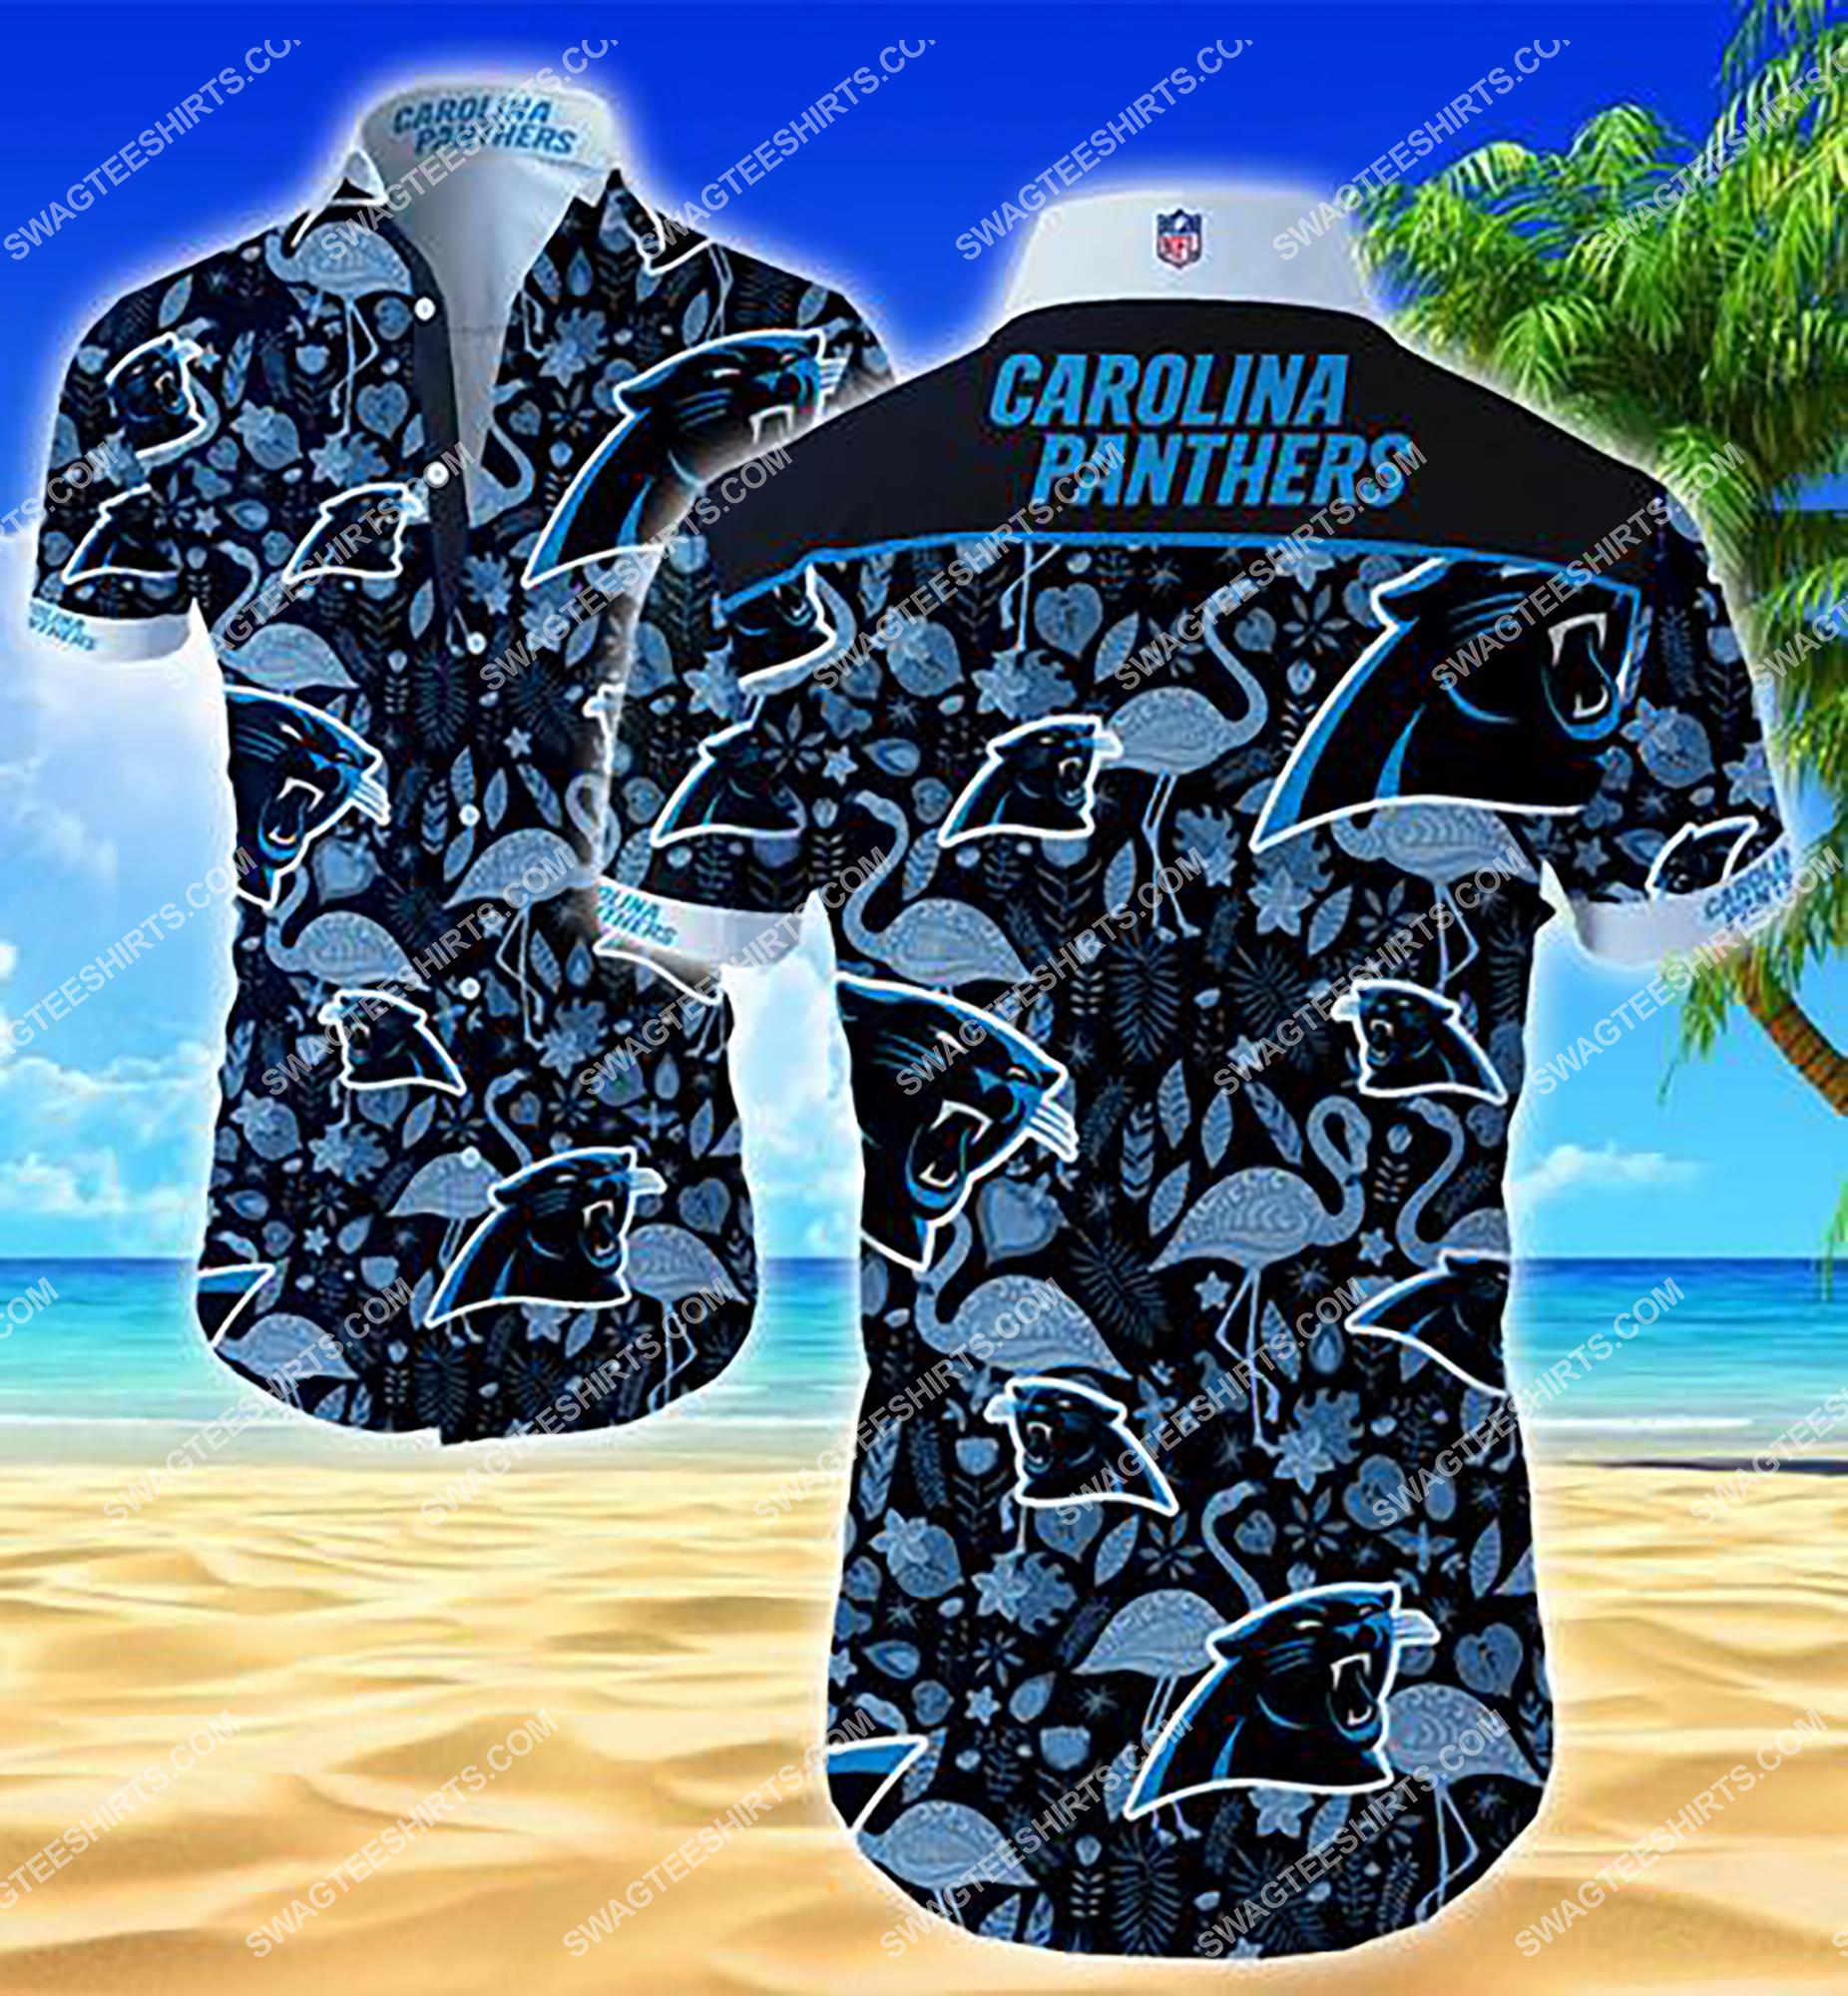 the carolina panthers football team summer hawaiian shirt 2 - Copy